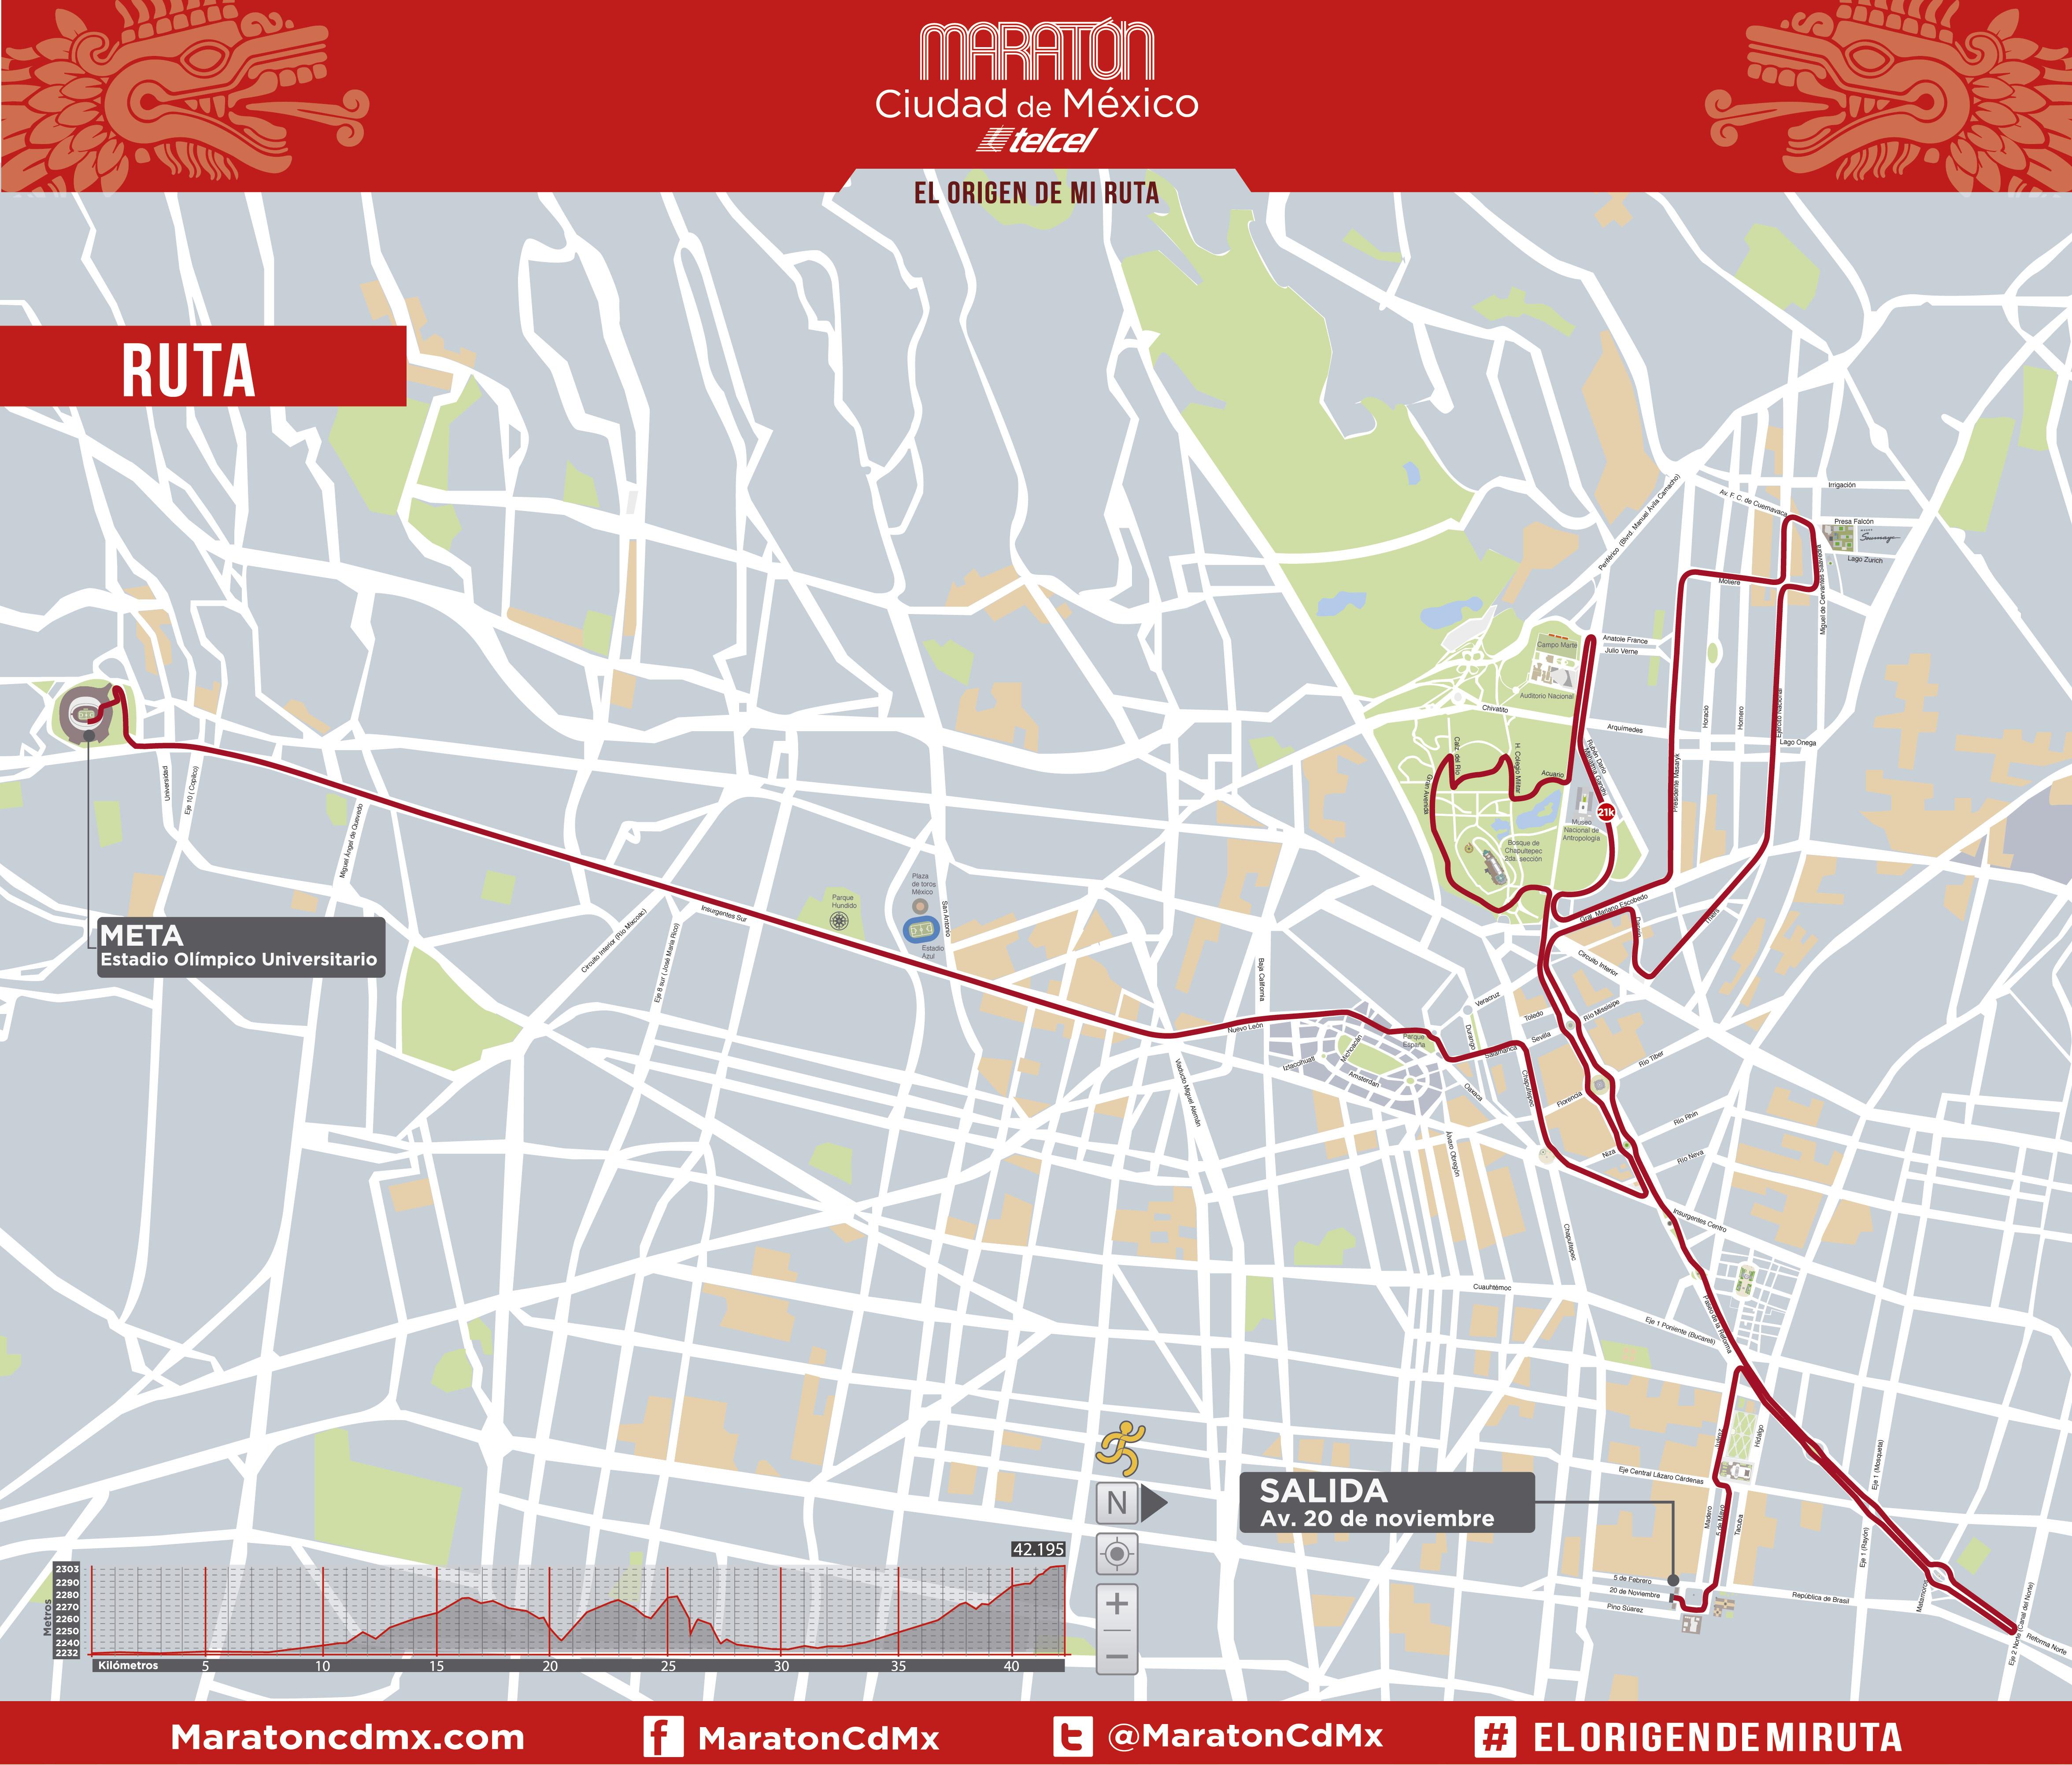 ruta del maraton de la ciudad de méxico 2017 cambios maratoncdmx